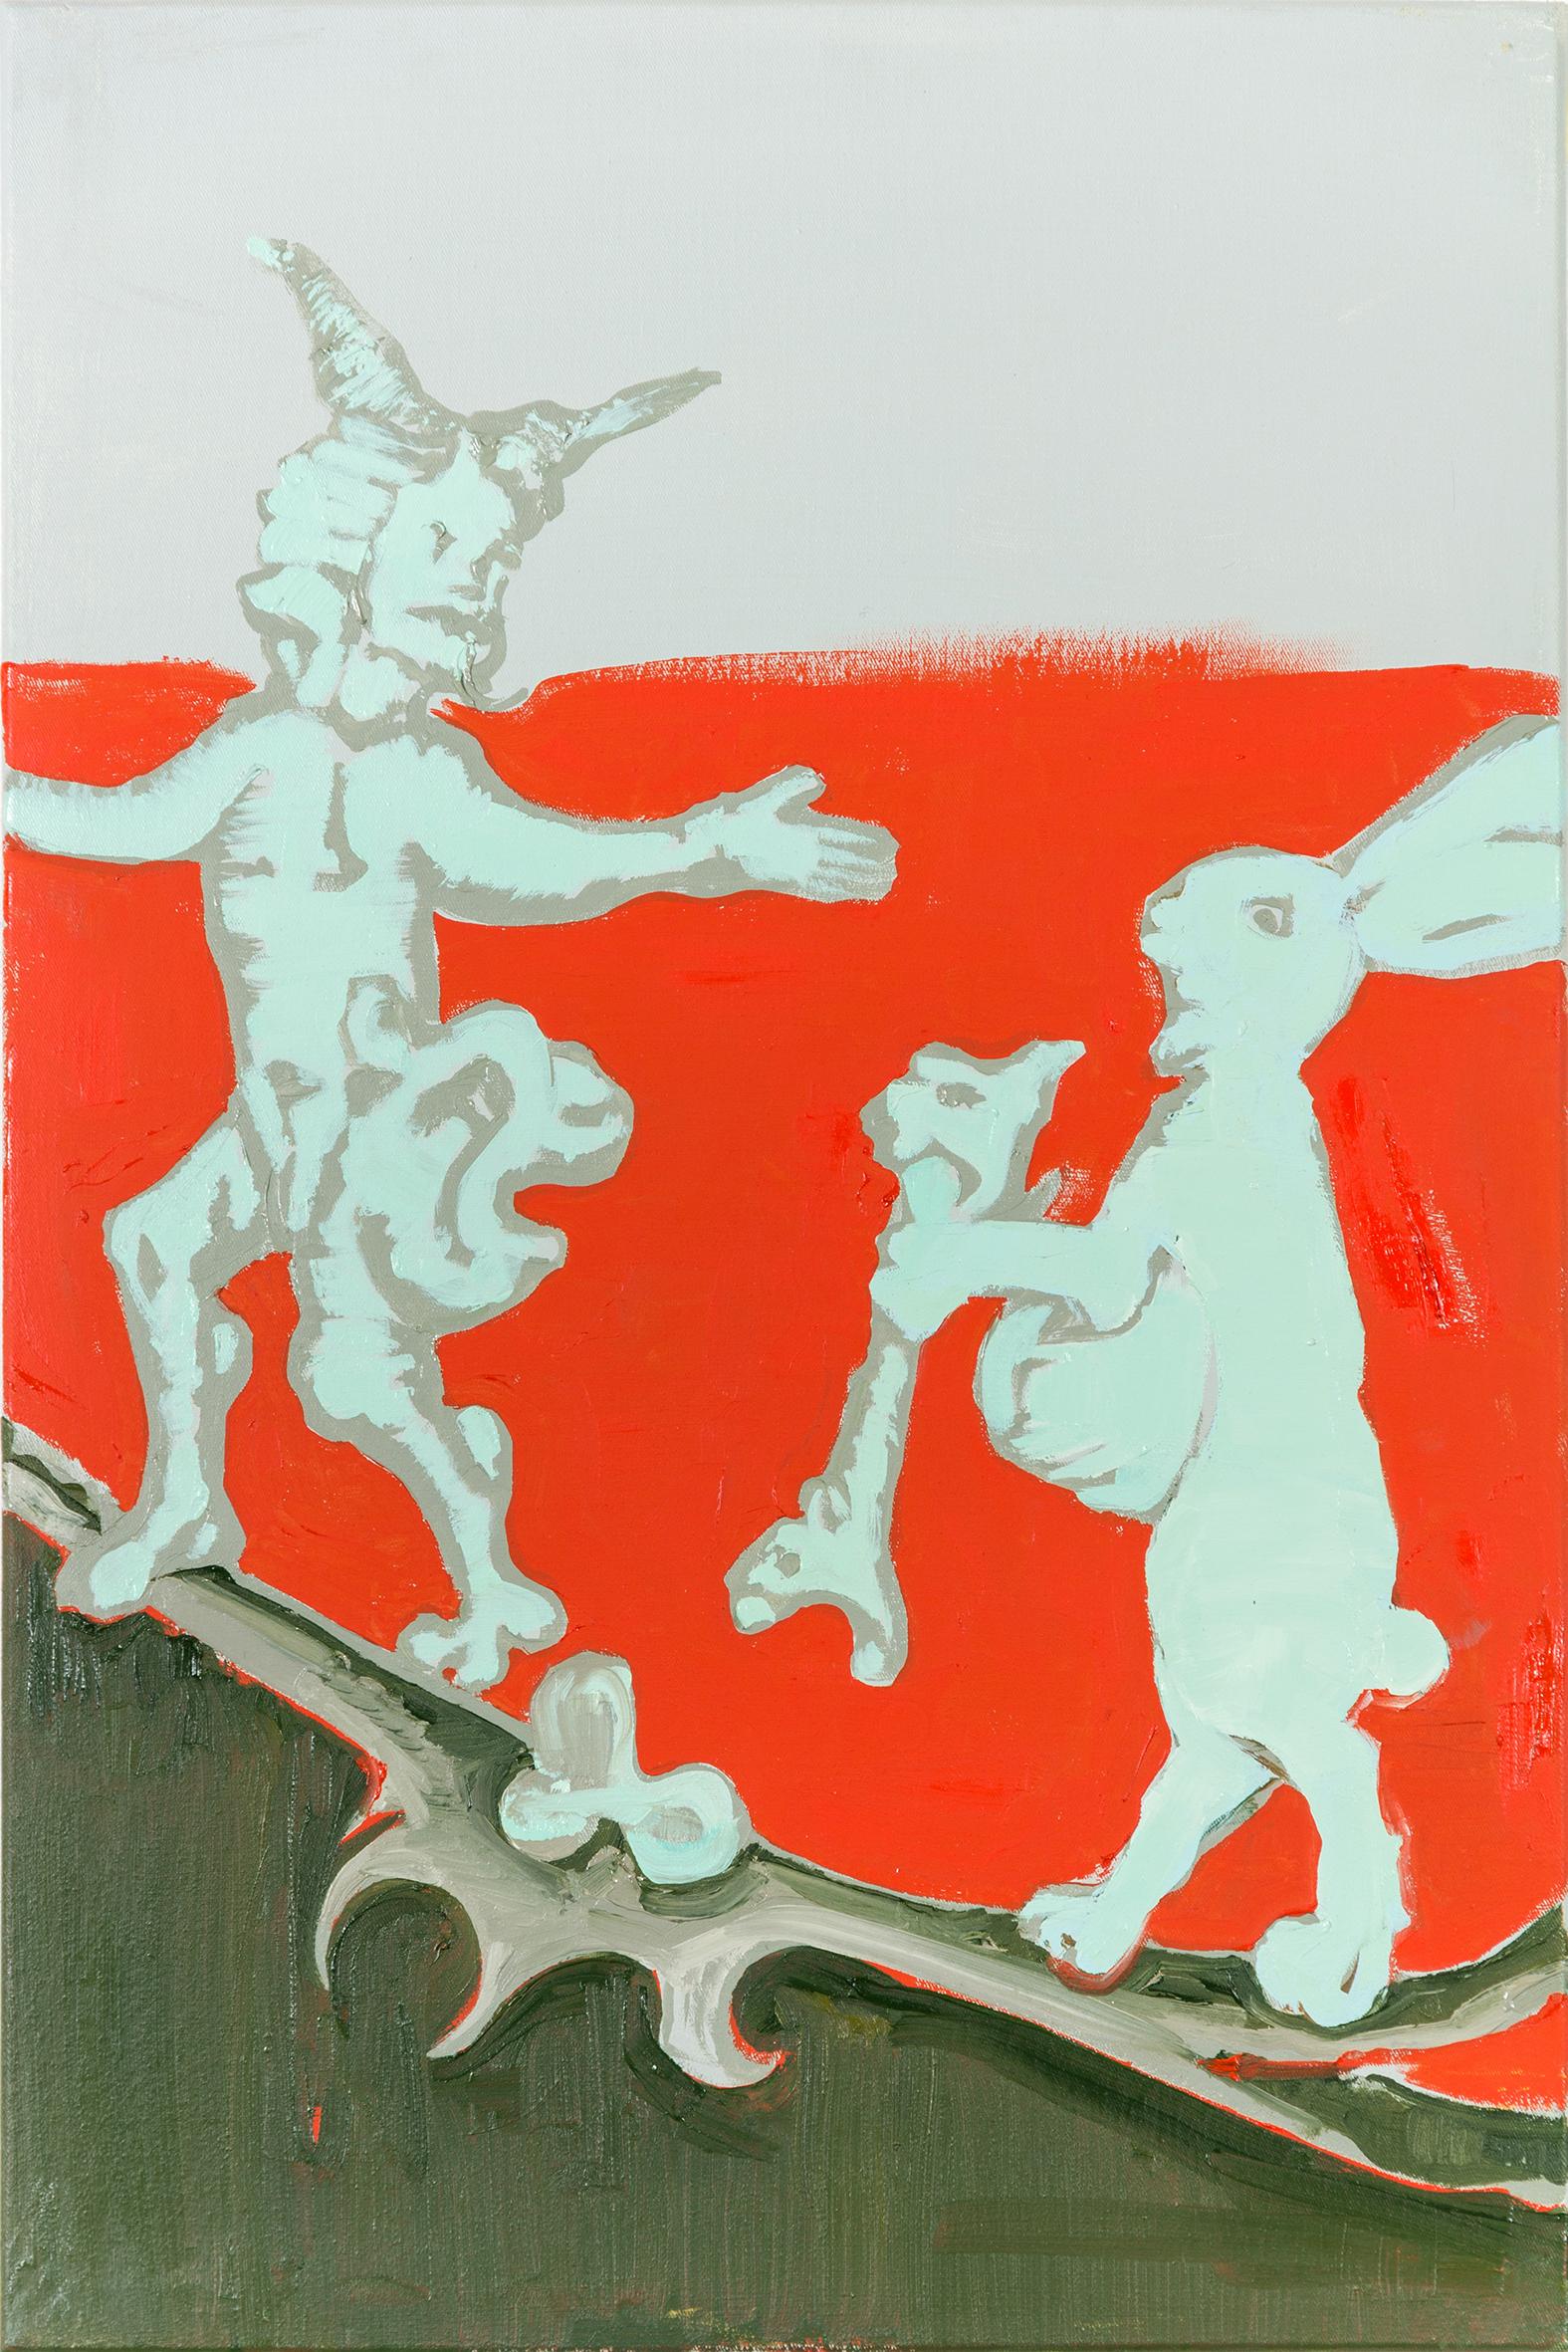 Auf dem Bild ist der gemalte Tageshase mit der Nummer: #0537 von der Künstlerin Tina Oelker zu sehen. Es handelt sich um einen hellen mit Ölfarbe gemalten Meister Lampe auf rotem Hintergrund.